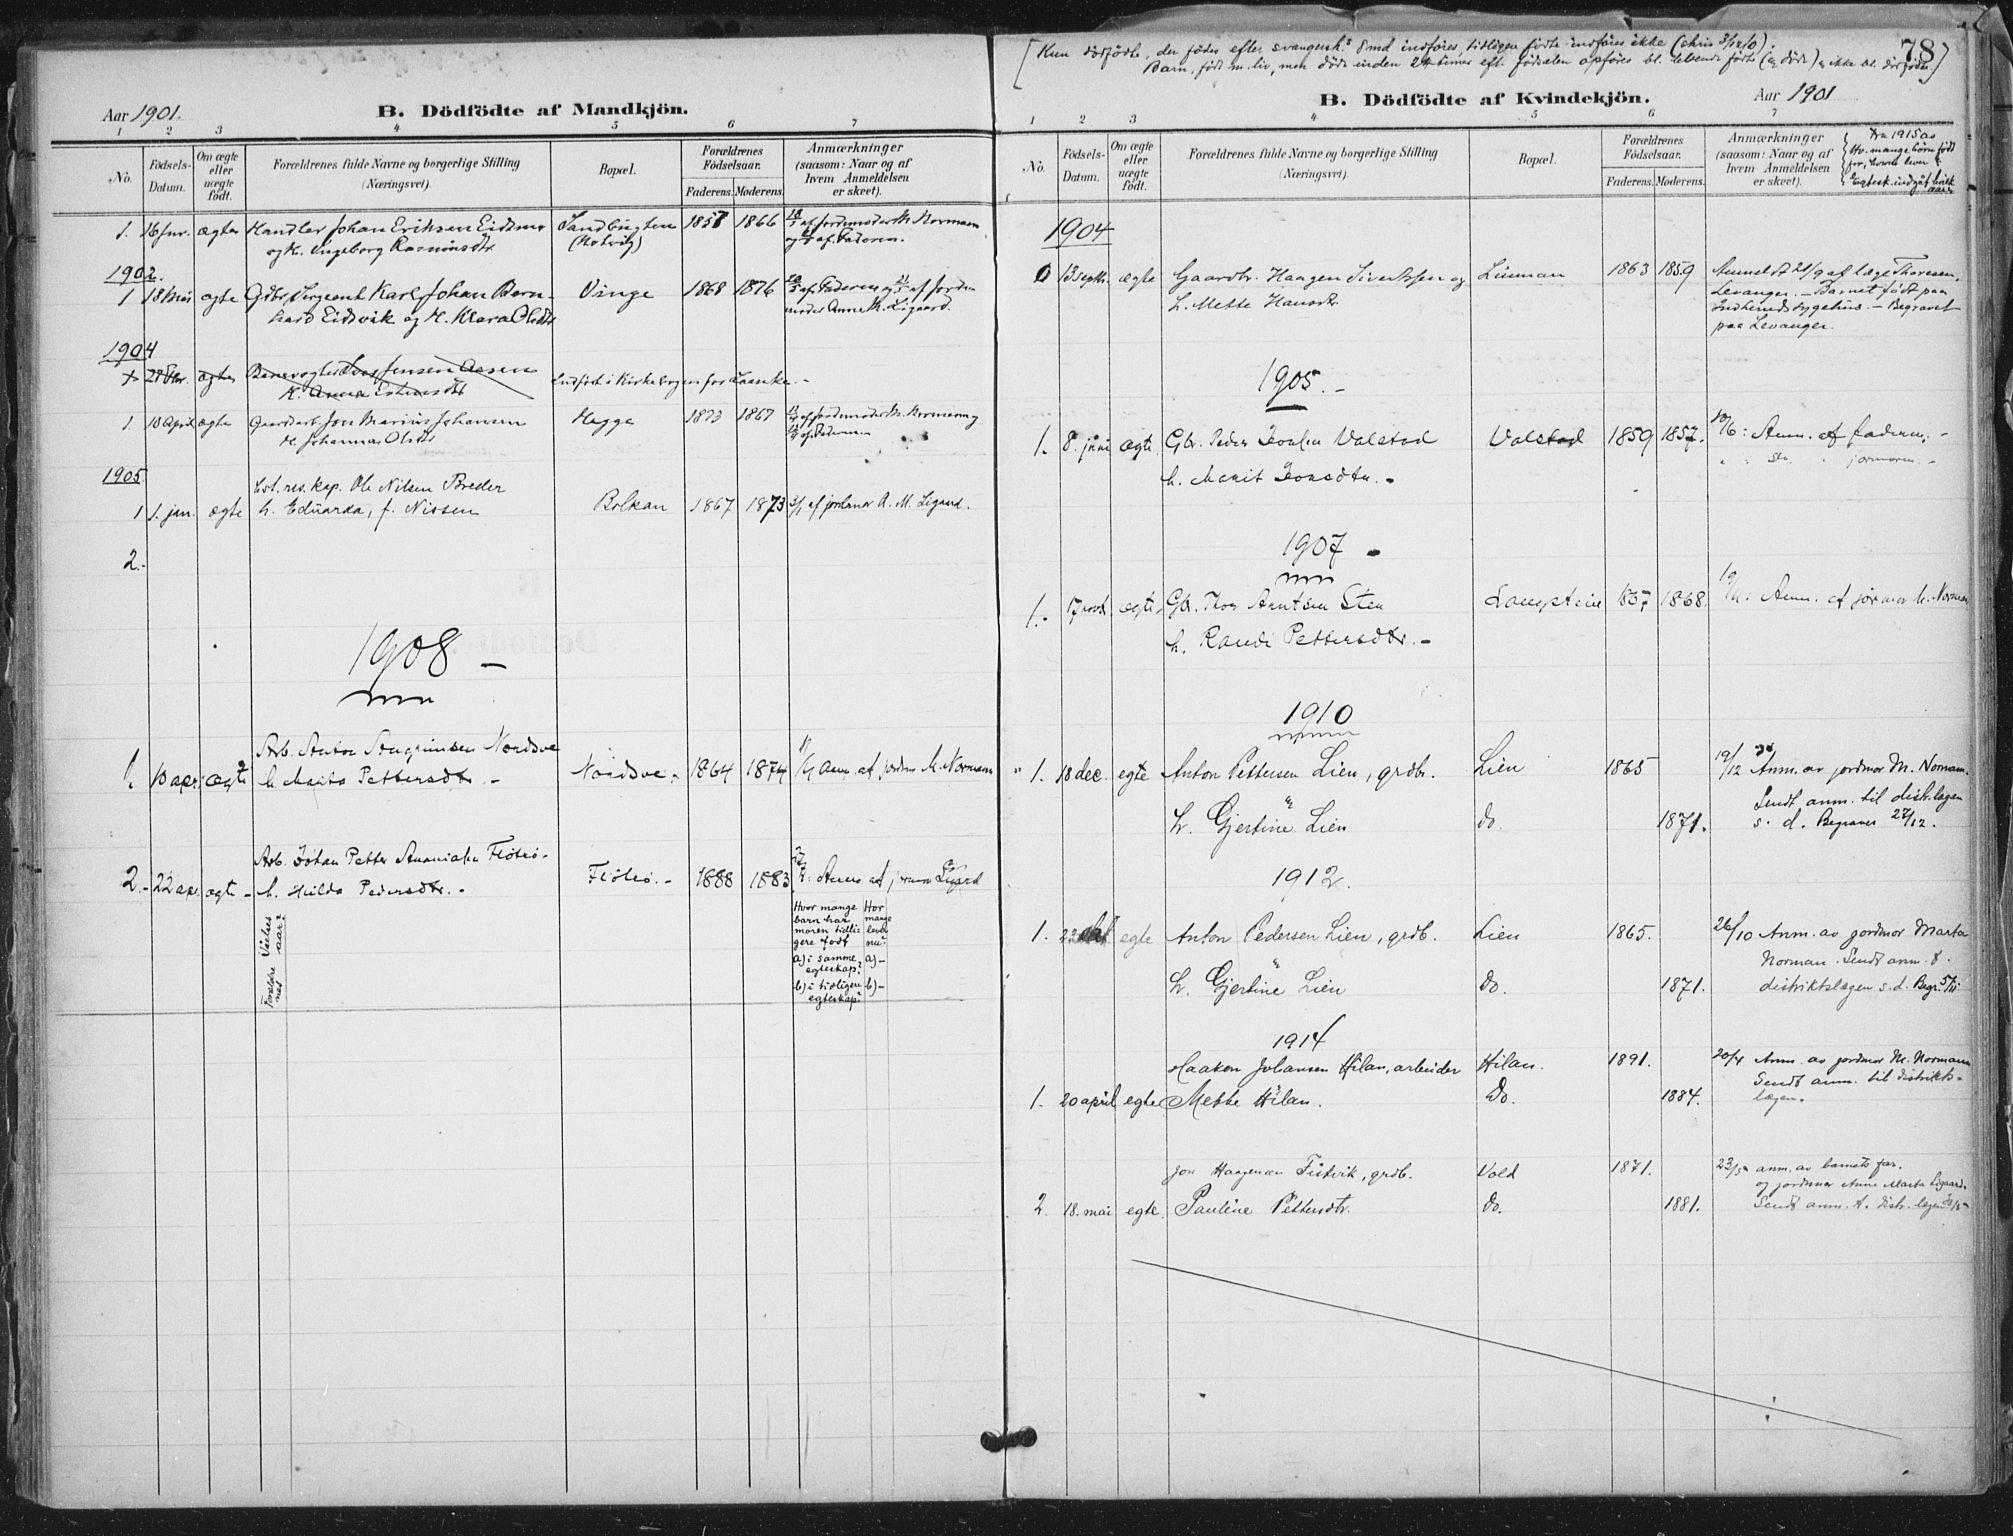 SAT, Ministerialprotokoller, klokkerbøker og fødselsregistre - Nord-Trøndelag, 712/L0101: Ministerialbok nr. 712A02, 1901-1916, s. 78